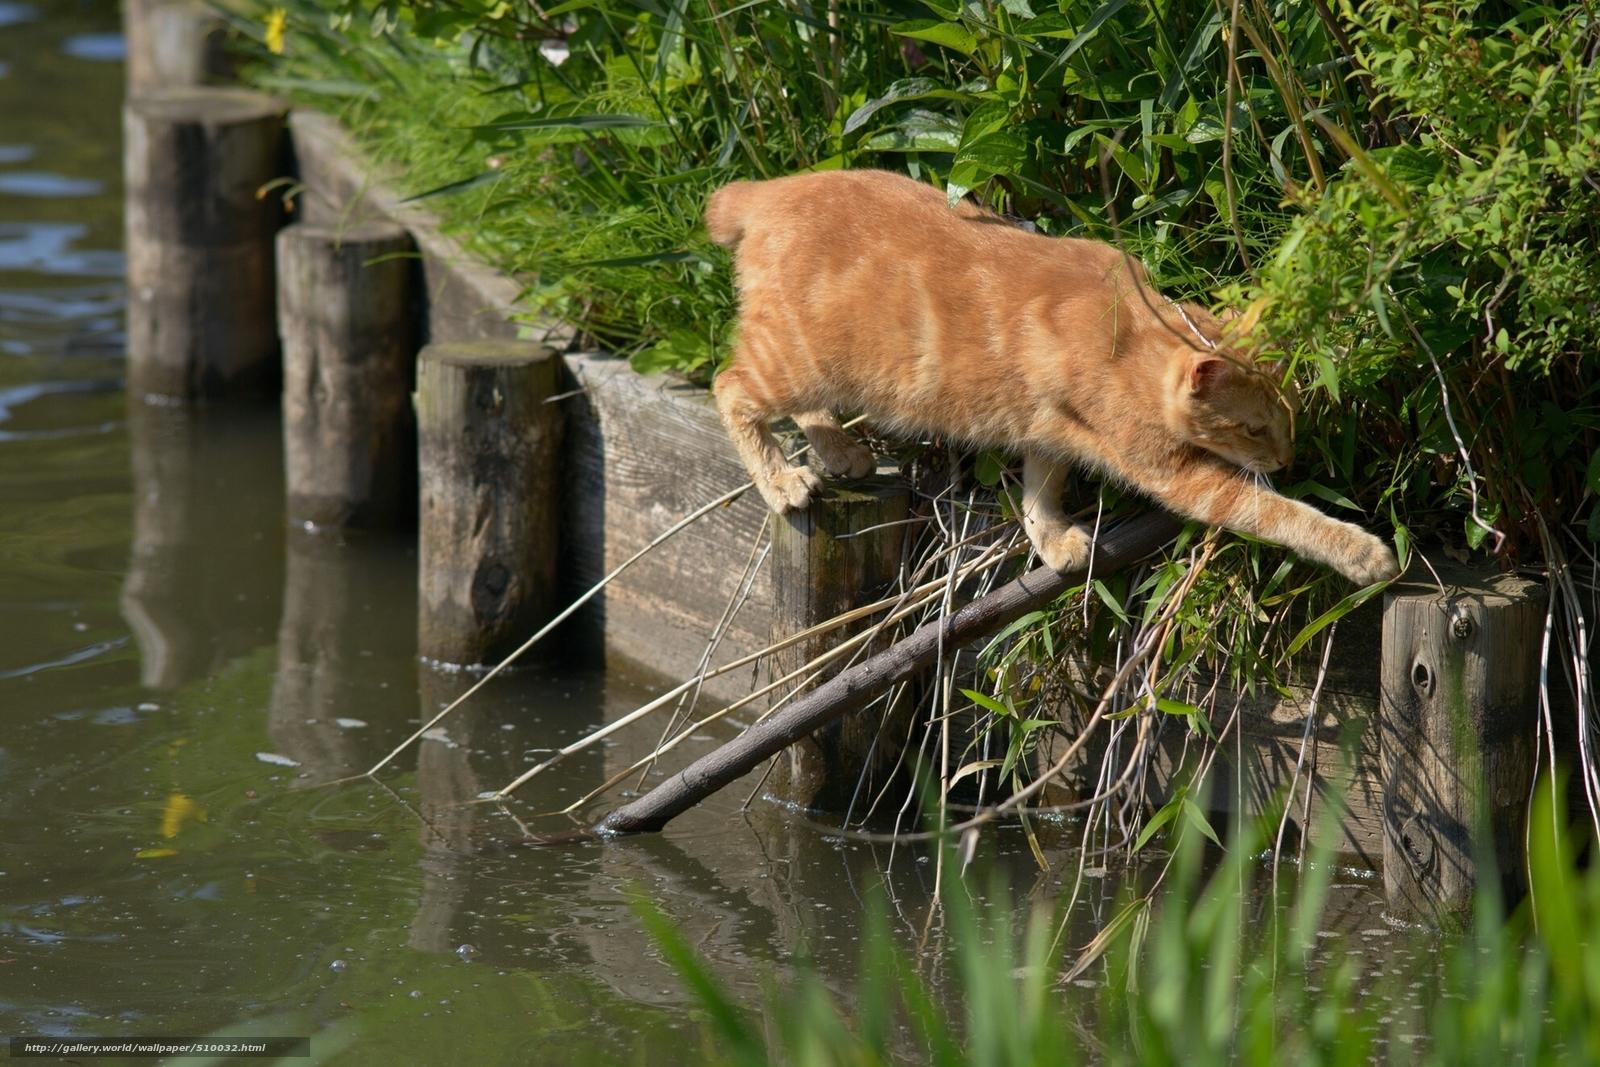 Скачать обои рыжий кот,  переход,  ситуация,  вода бесплатно для рабочего стола в разрешении 1920x1280 — картинка №510032